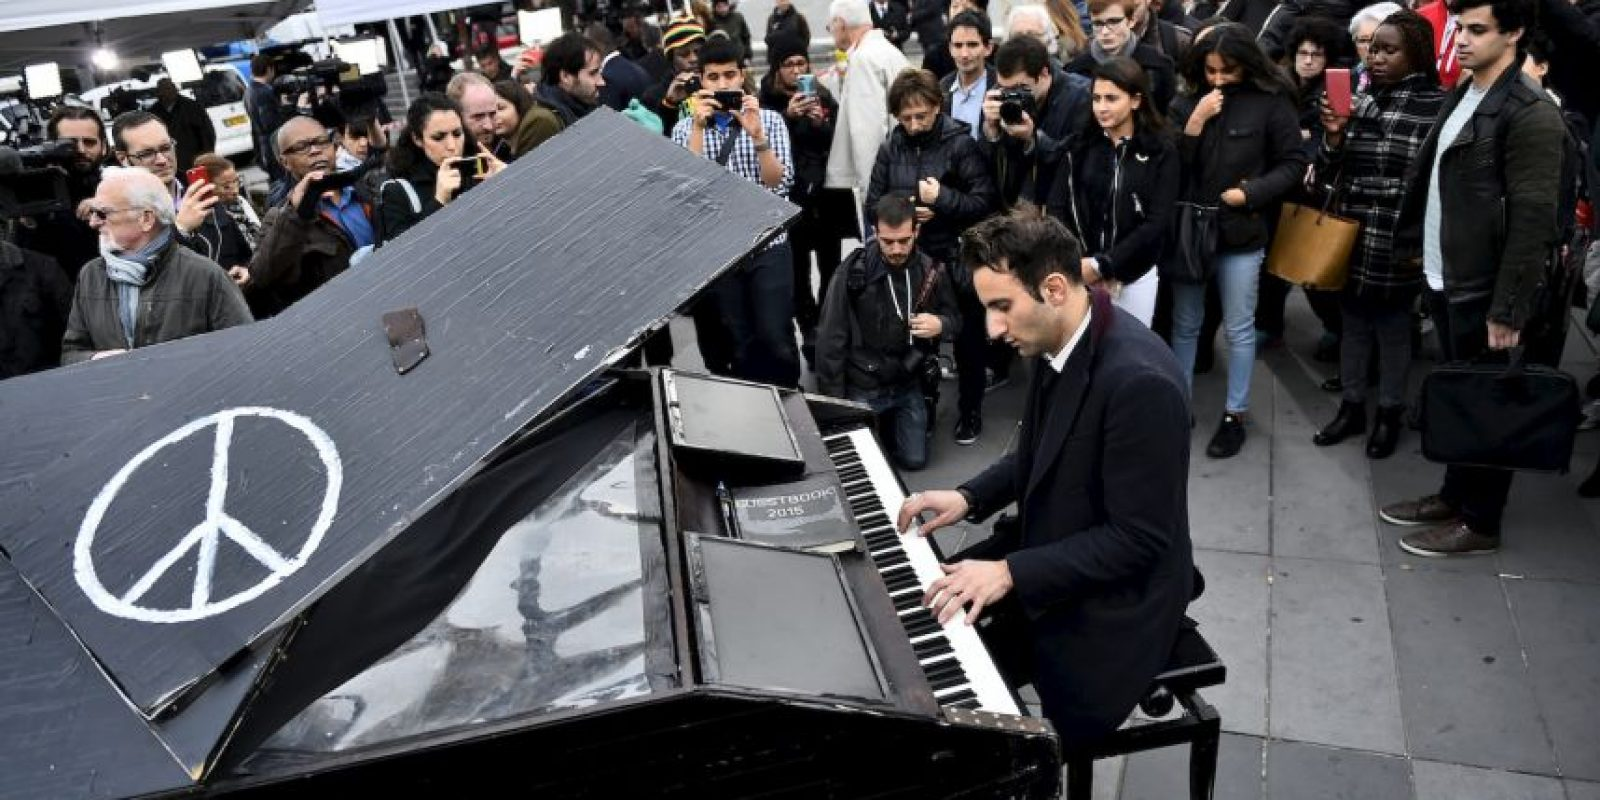 Las muestras de solidaridad han continuado en París y en diversas ciudades del mundo. Foto:AFP